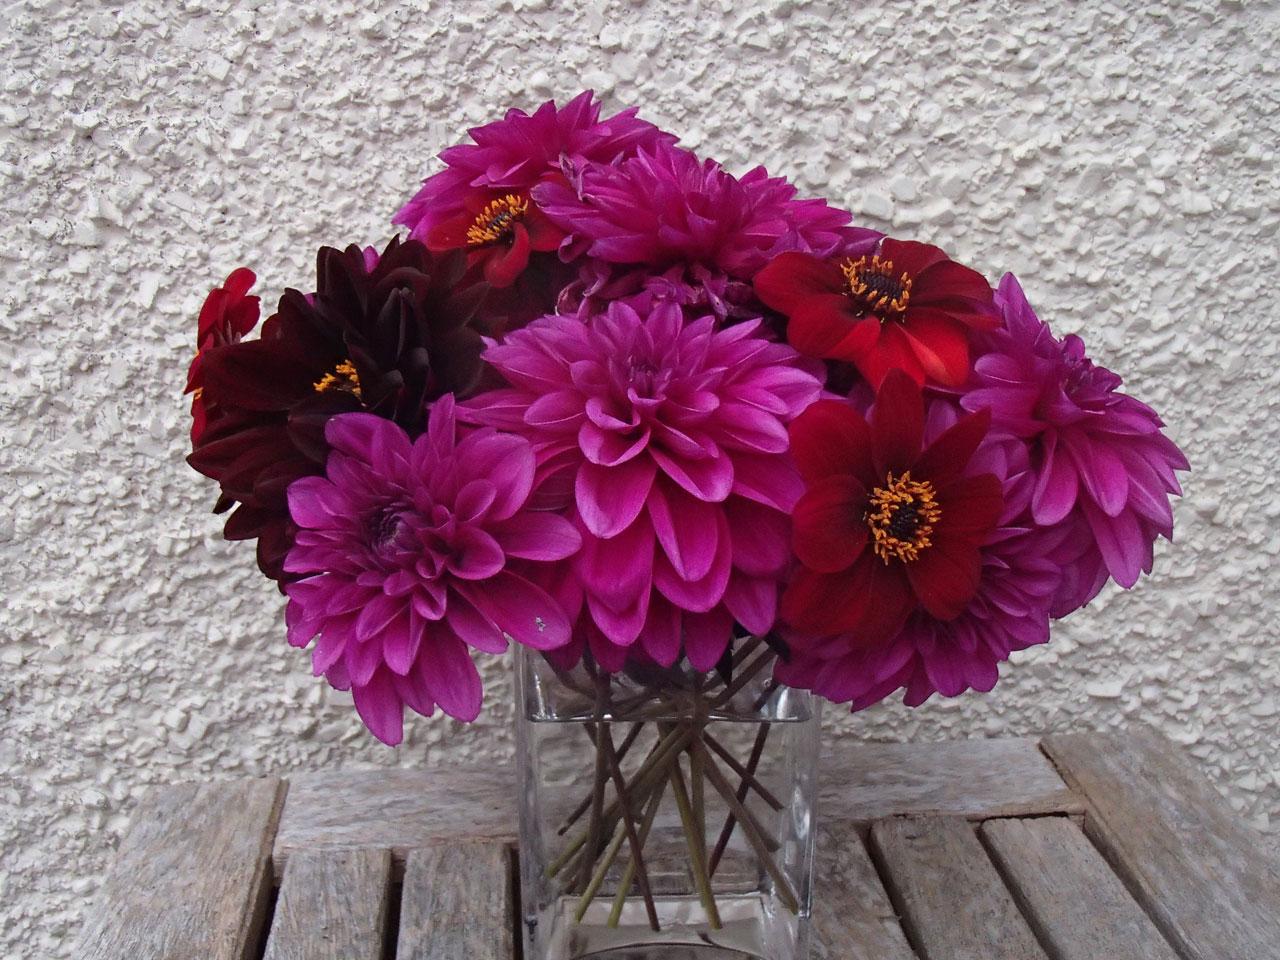 Vase of dahlias